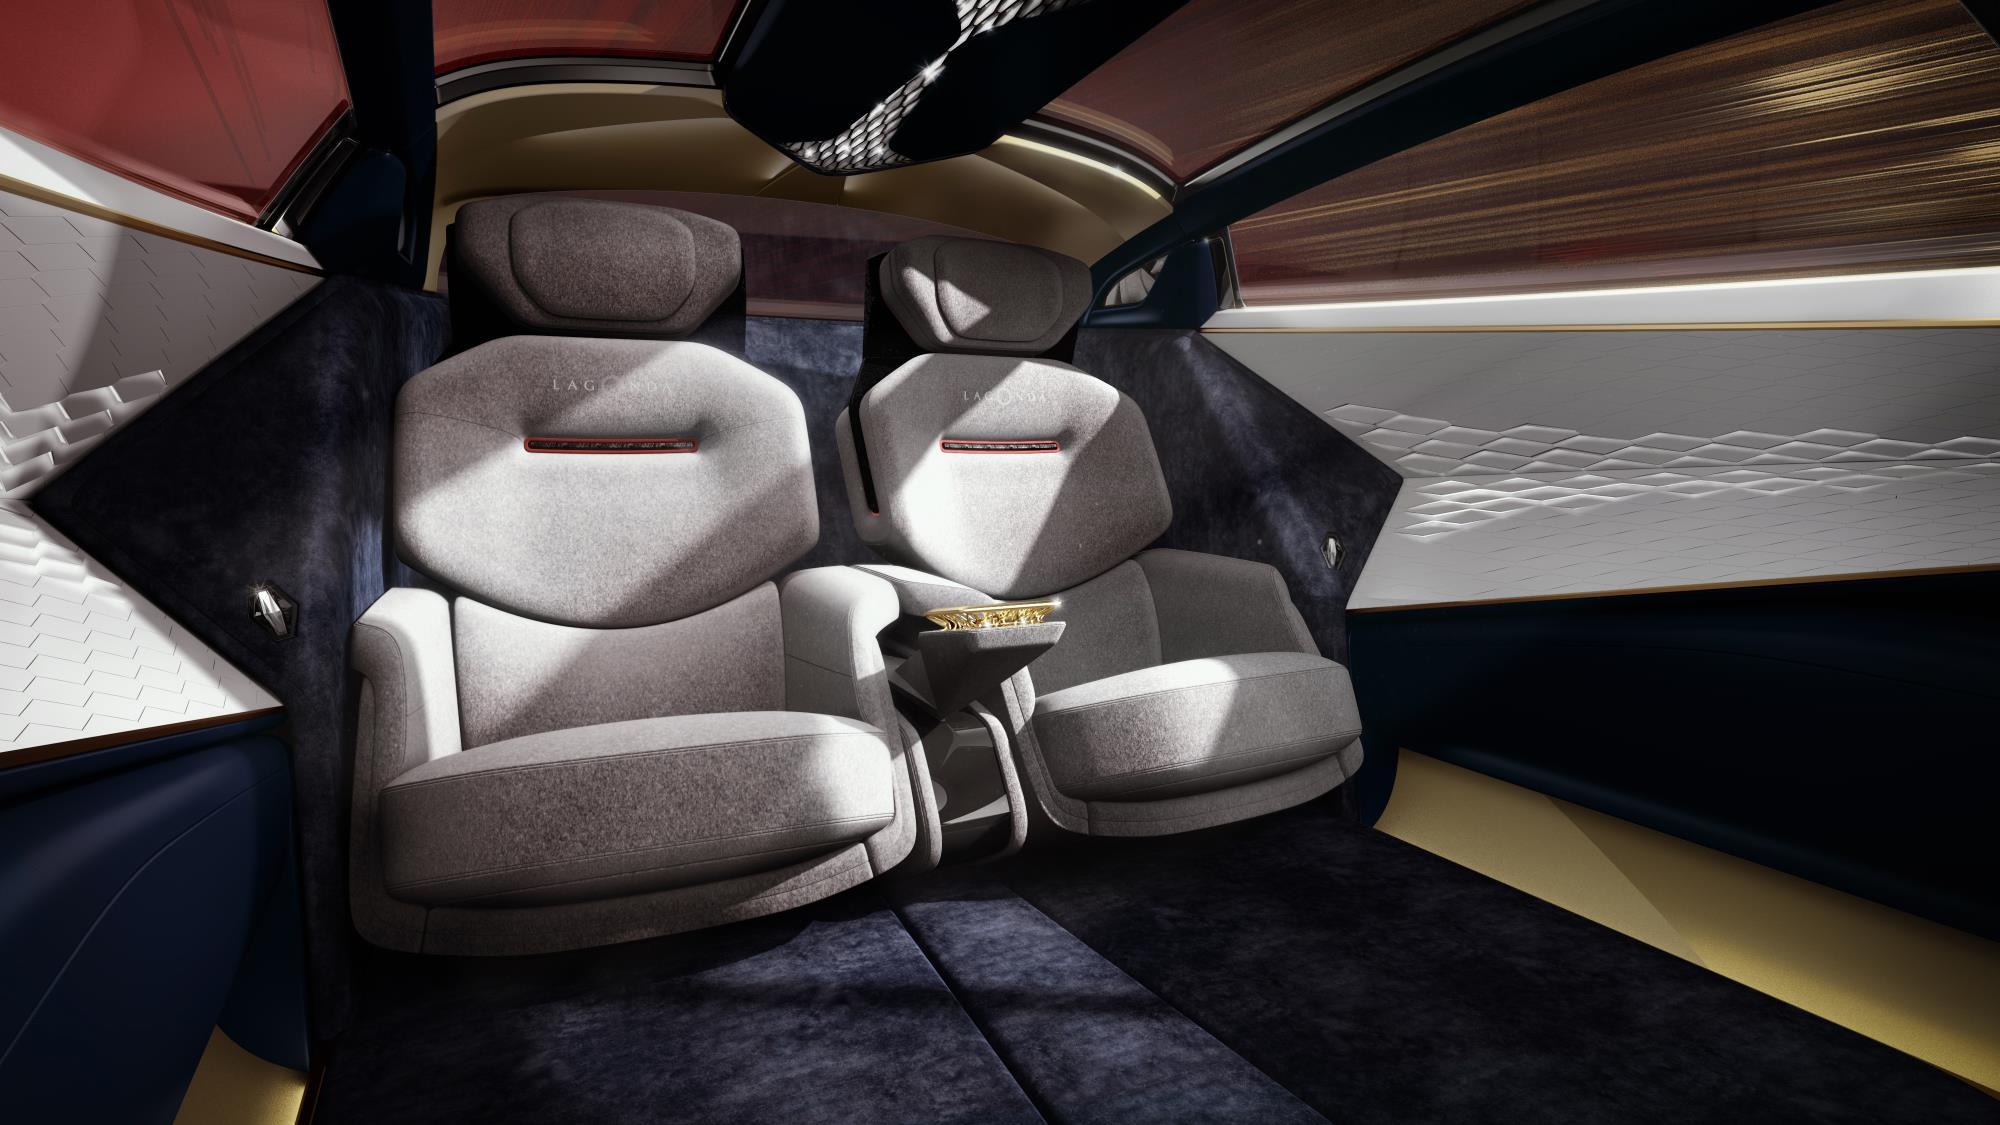 То, что предлагает Lagonda - это роскошный грандиозный автомобиль. Над интерьером работал специалист по мебели Дэвид Линли вместе с экспертом по тканям портным Savile Row Генри Пулом.